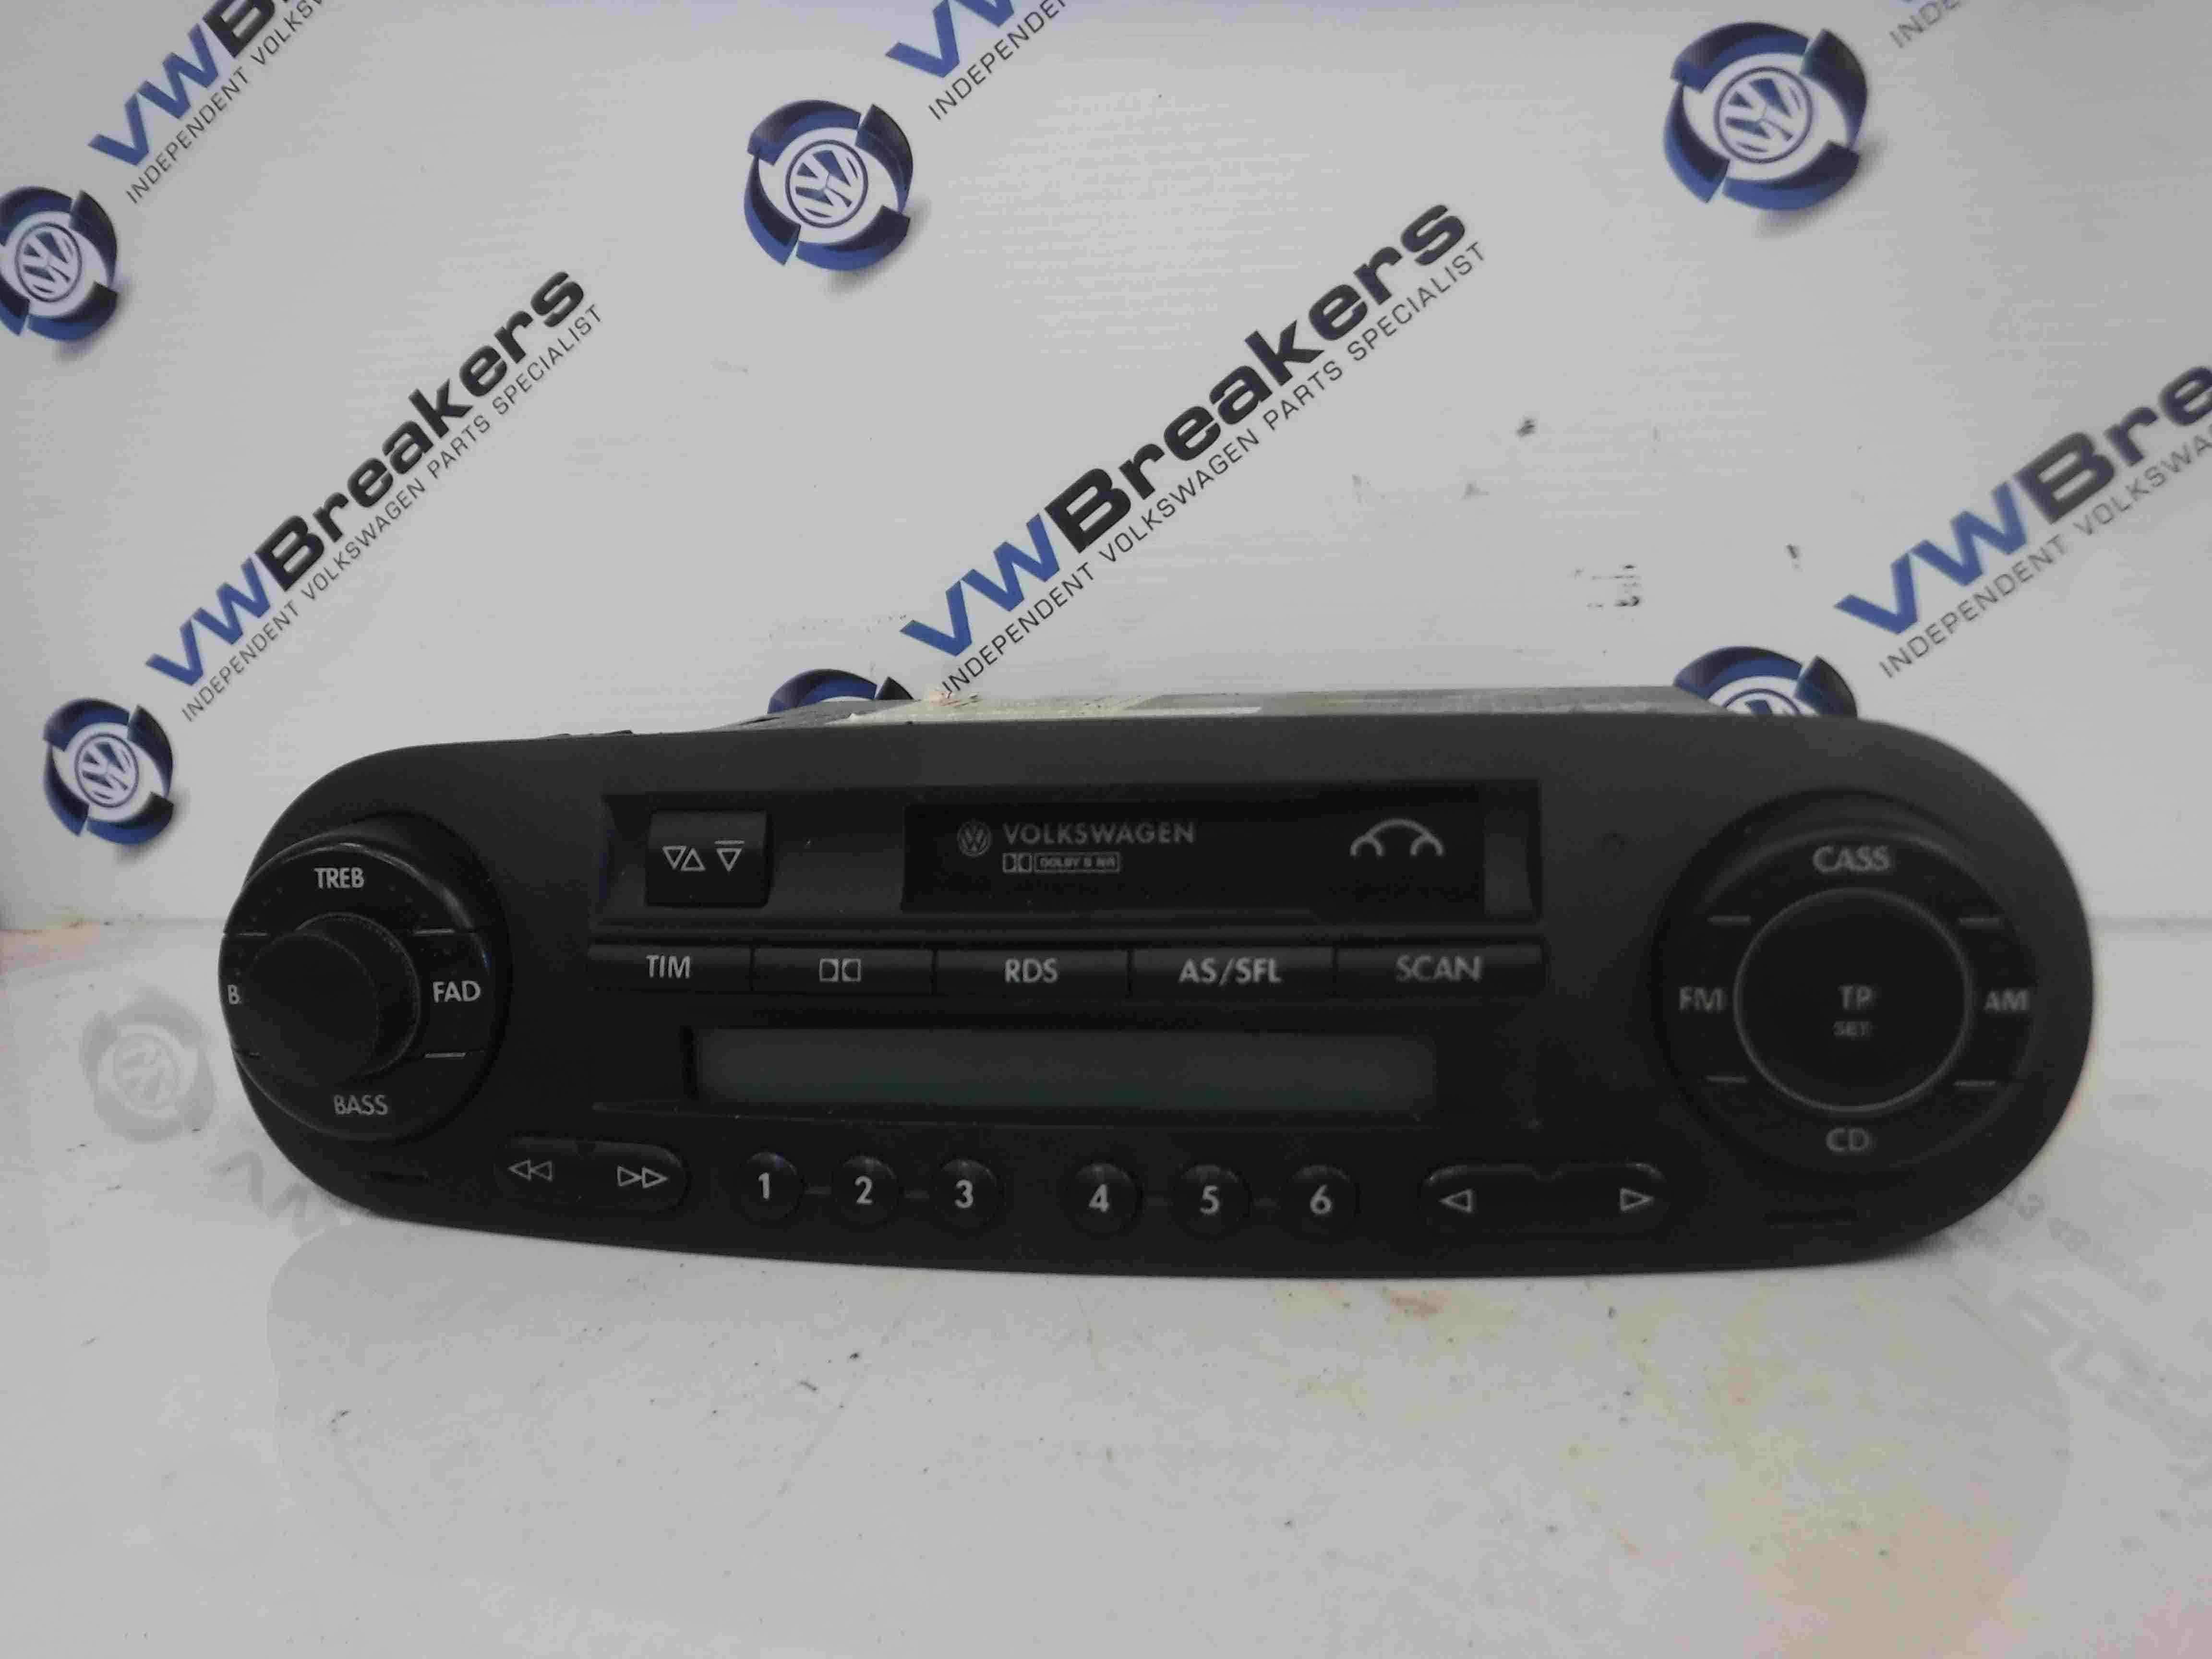 Volkswagen Beetle 1998-2006 Radio Casette Tape Player With CODE 1C0035186